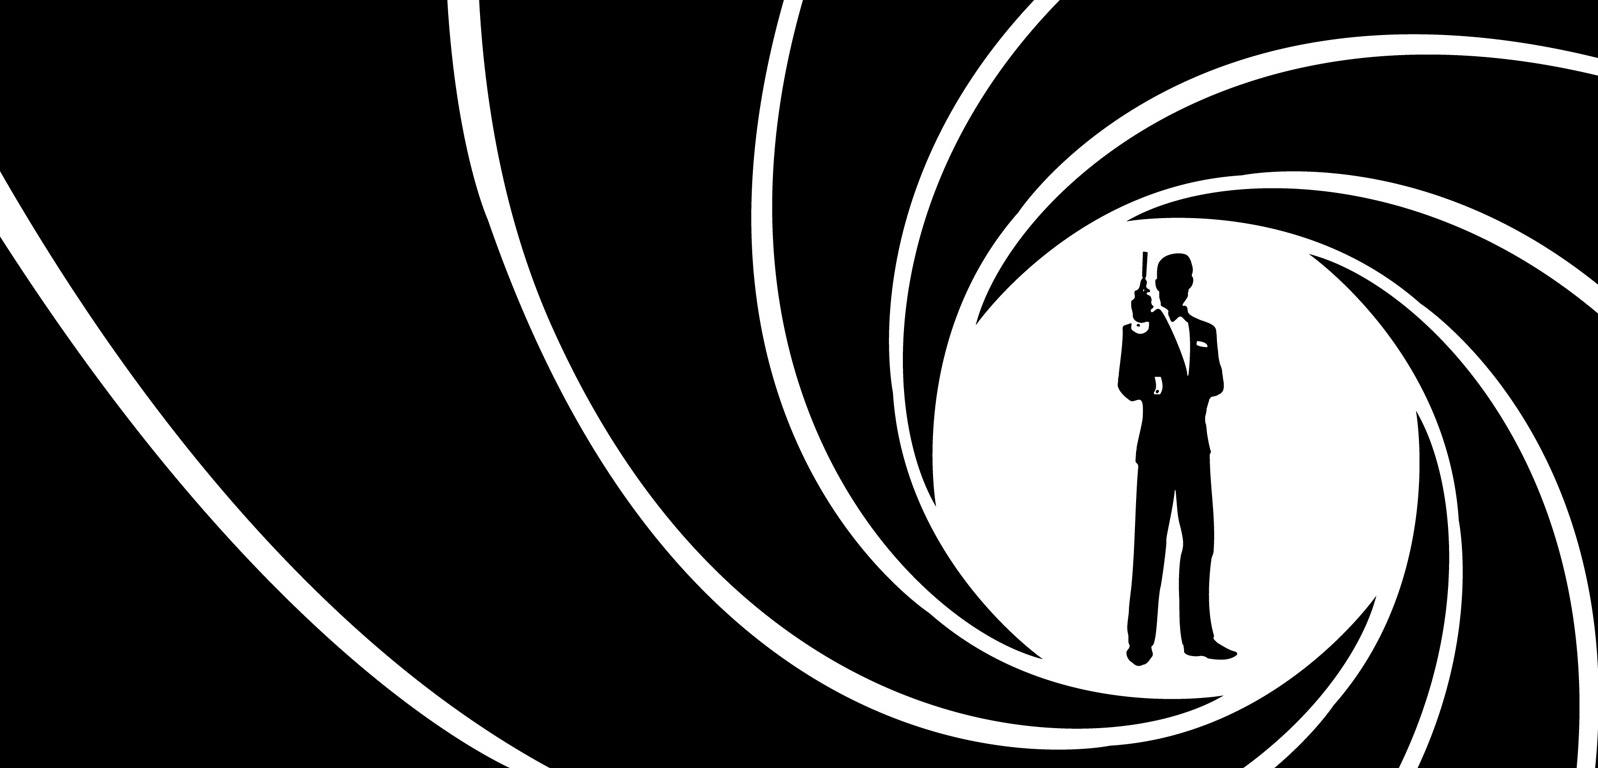 Acabe com este problema de uma vez por todas! Adote a atitude James Bond em sua vida!